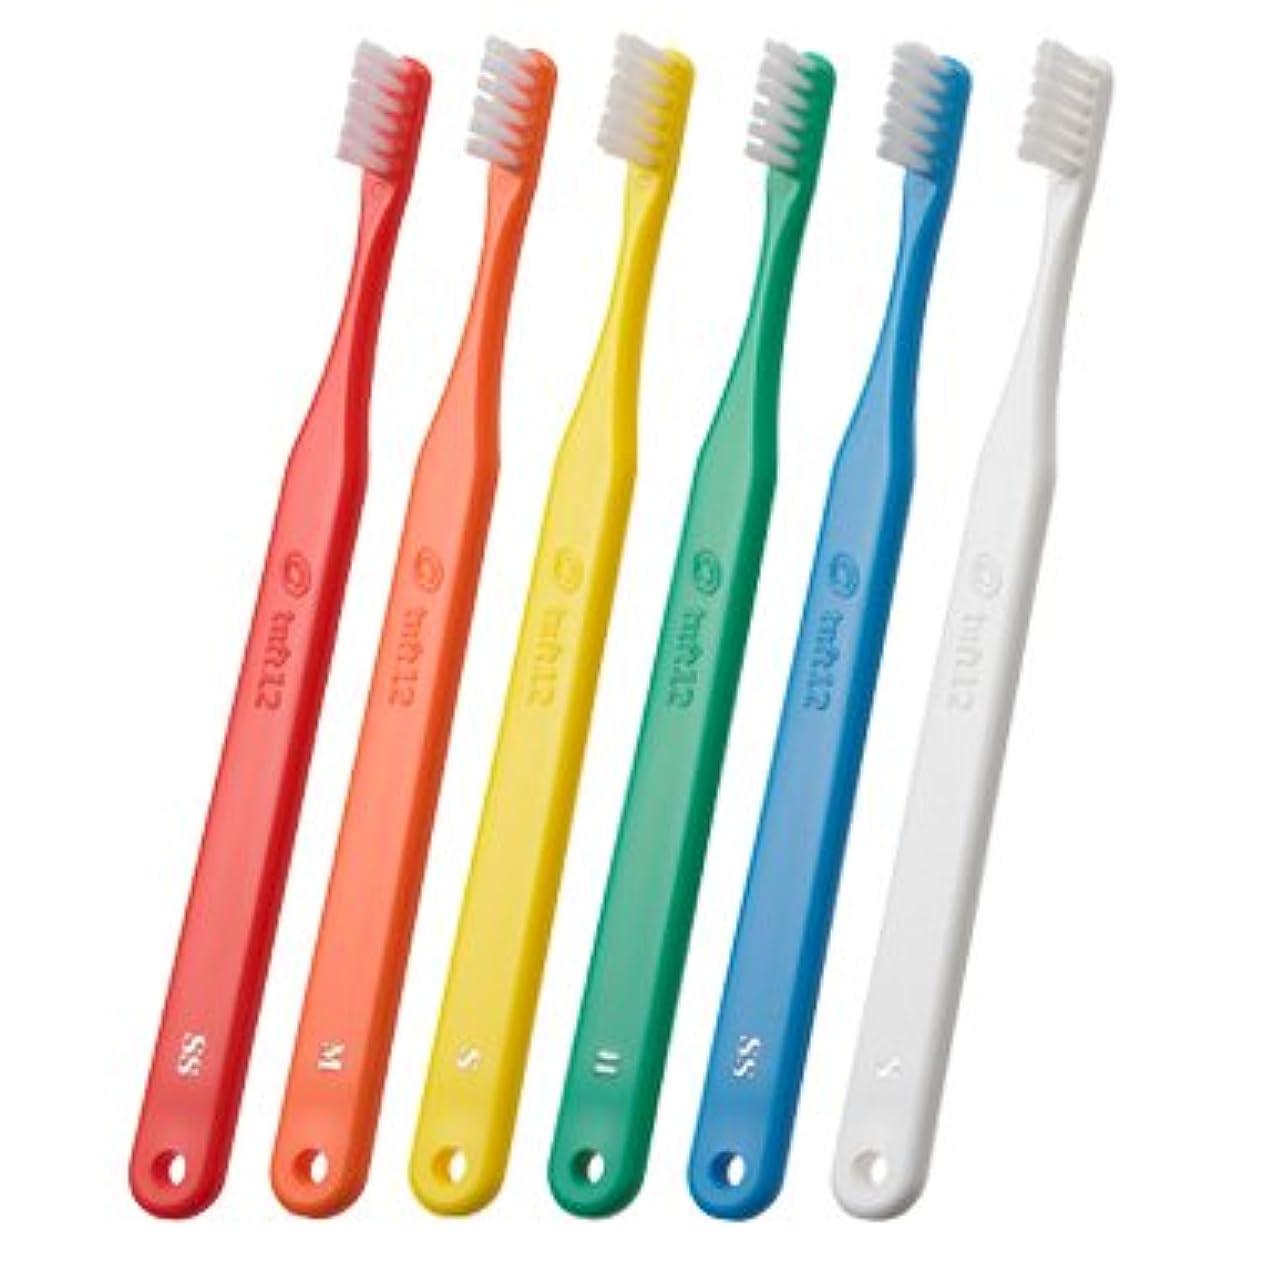 ダルセット葉境界歯科用 タフト12 S 25本 ソフト【歯ブラシ】【やわらかめ】矯正患者さん向け _ レッド